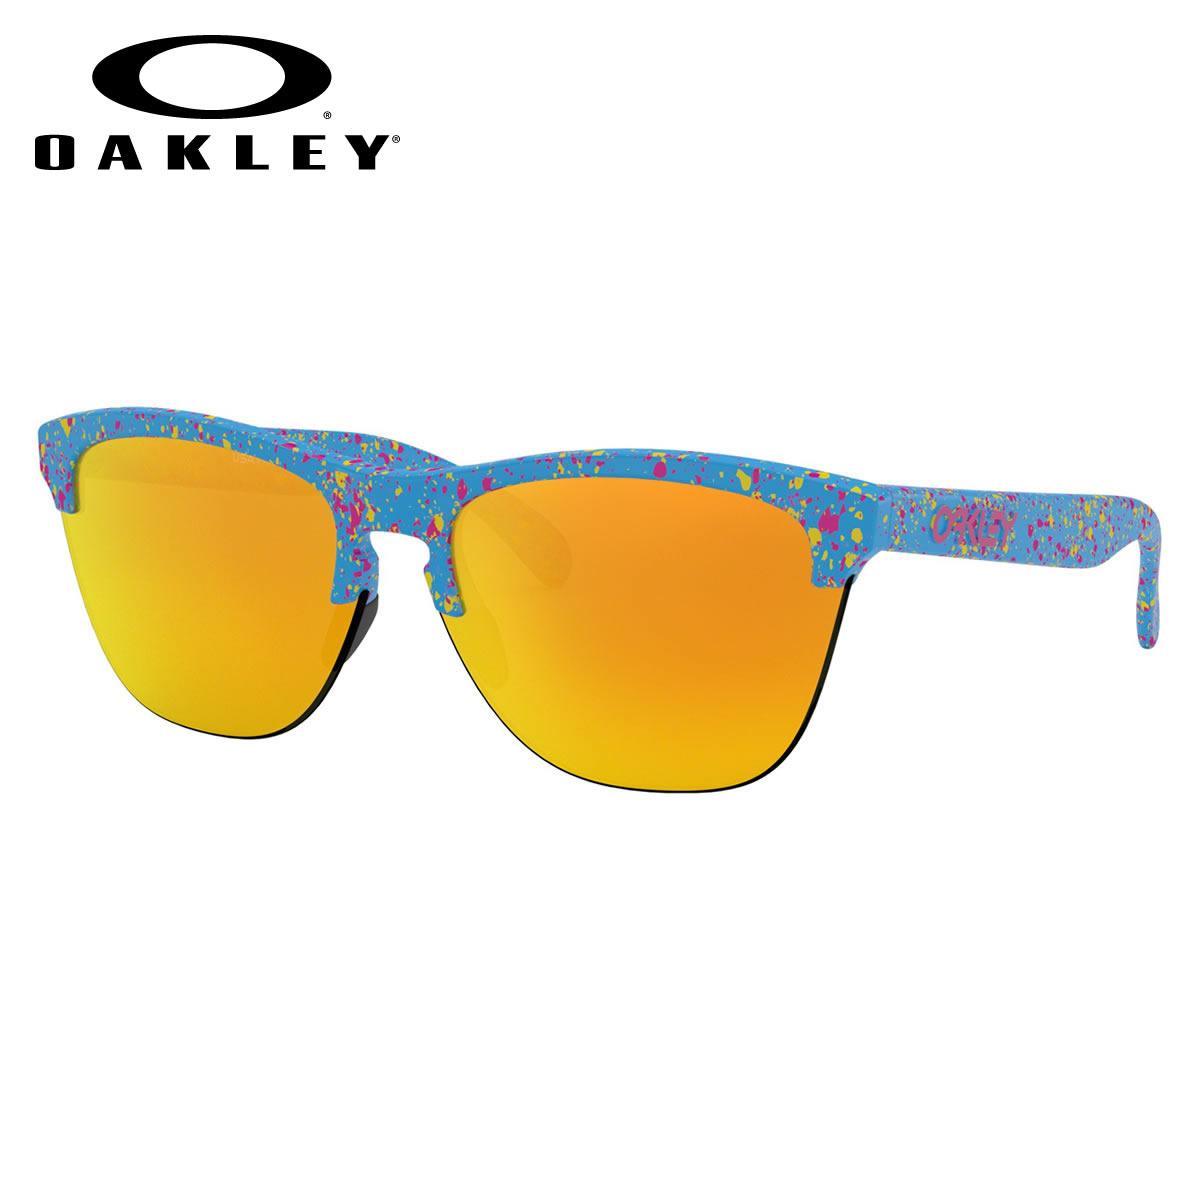 オークリー OAKLEY サングラス OO9374-14 63 FROGSKINS LITE フロッグスキンライト ナイロール ハーフリム Splatter Sky Blue / Fire Iridium キーホールブリッジ オークレー かっこいい メンズ レディース